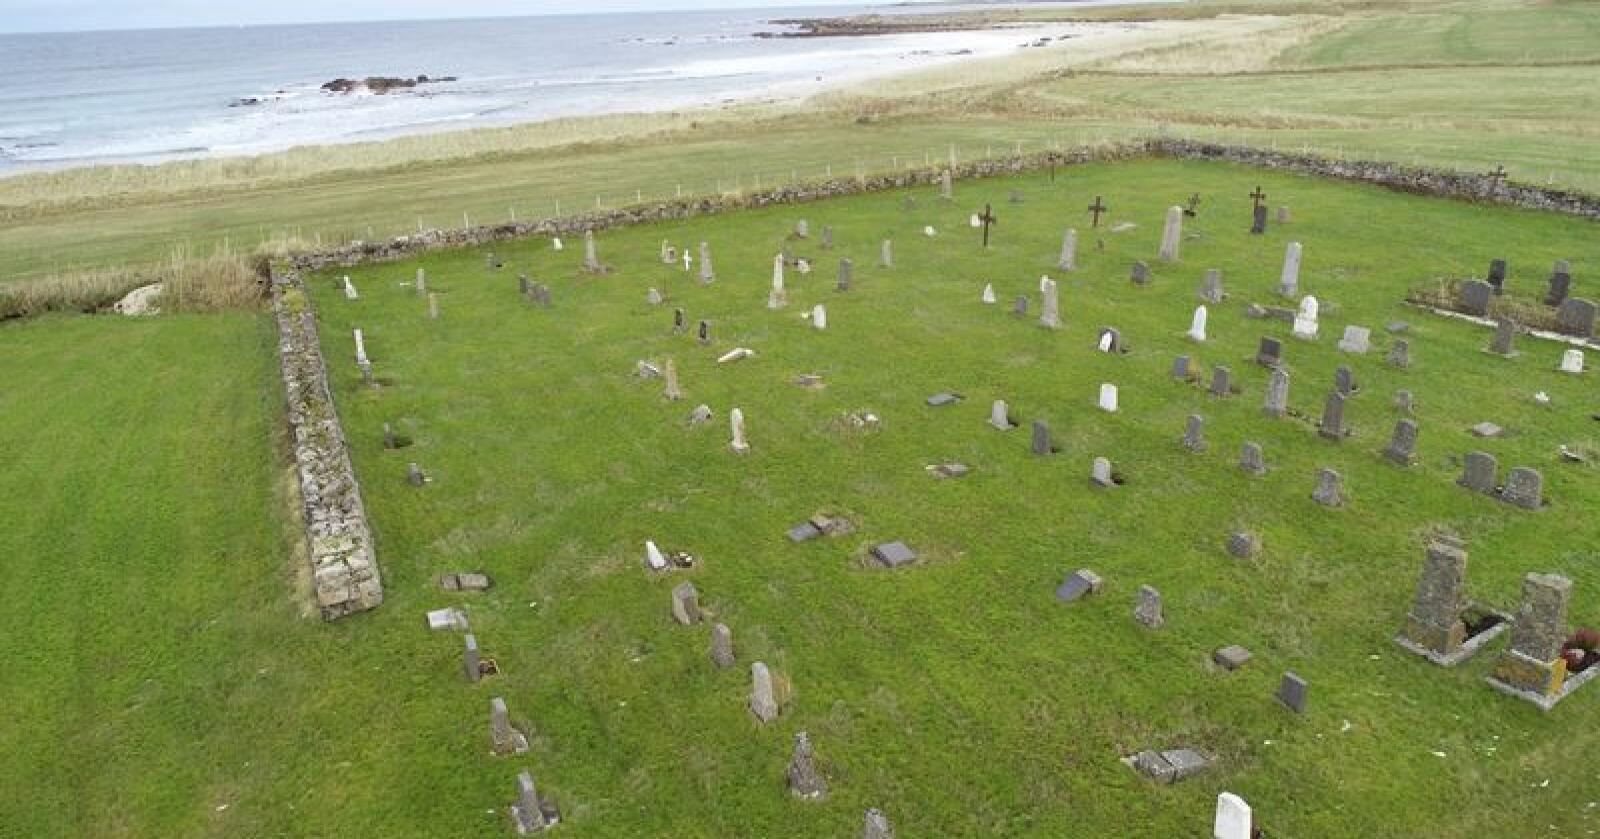 Da 25 gravstøtter ble funnet veltet på Haugen kirkegård på Åknes i Andøy, ble saken anmeldt til politiet. Foto: Andøy kirkekontor / Jan Harald Andersen